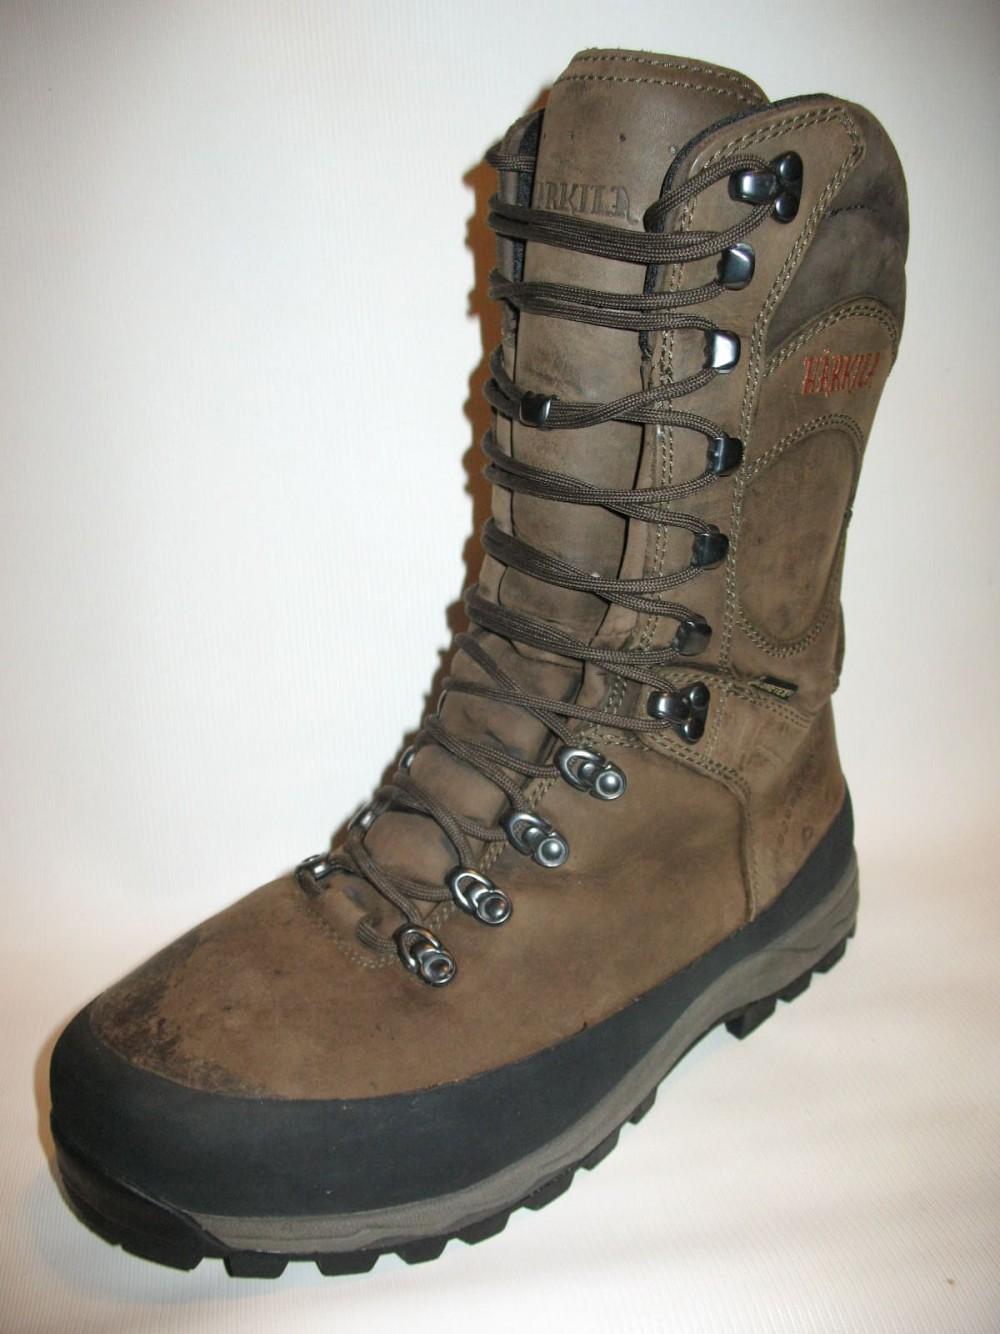 Ботинки HARKILA pro hunter GTX 12 hunter boots (размер UK9/US10/EU43(на стопу до 275 mm)) - 2